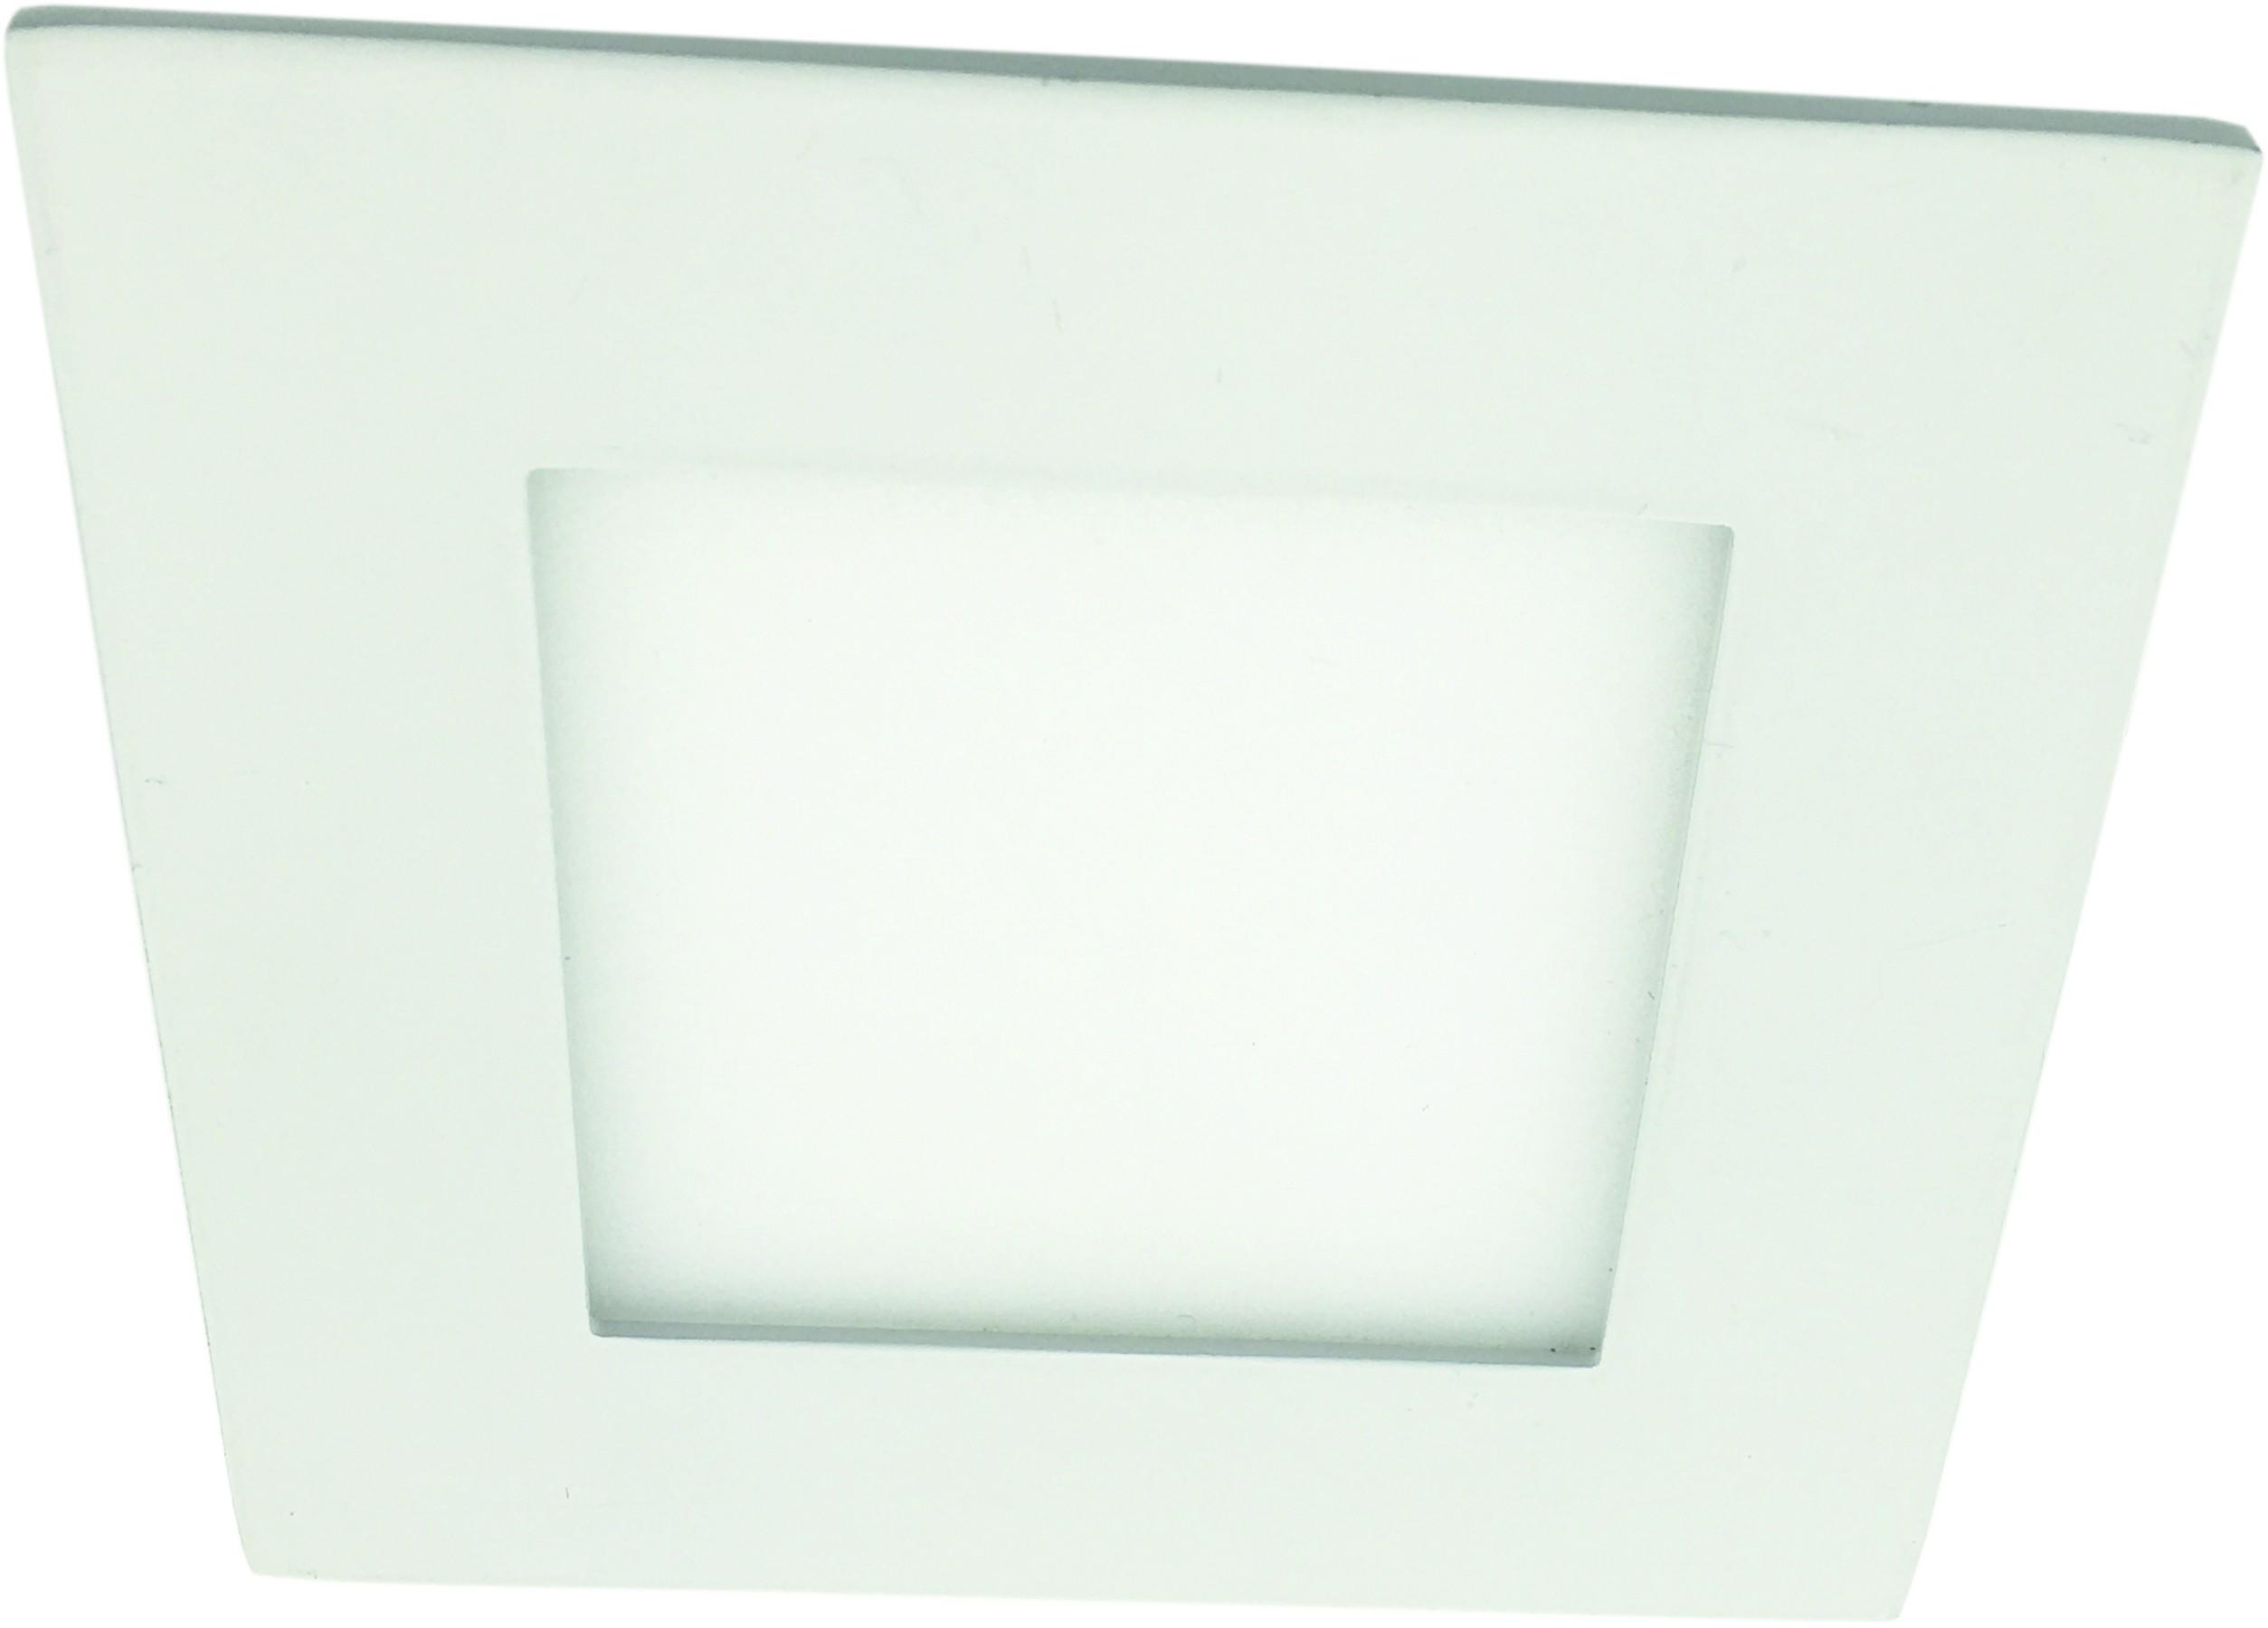 Светильник встраиваемый Arte lamp A2409pl-1wh встраиваемый светильник arte lamp fine a2409pl 1wh